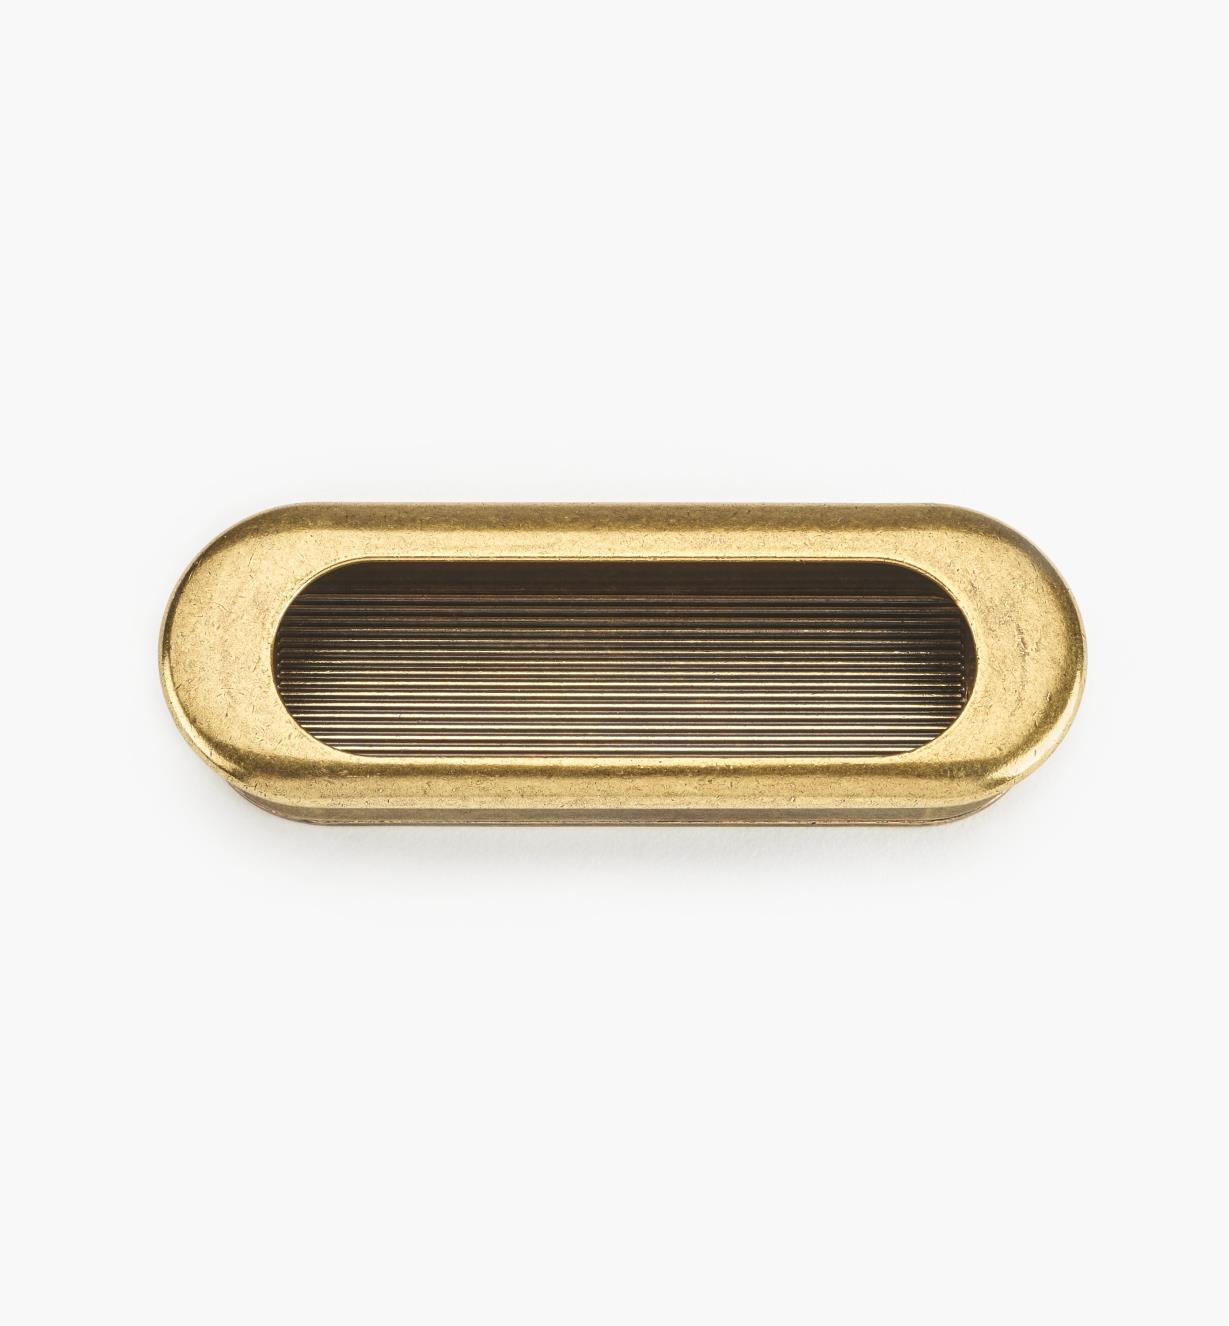 01X4202 - Poignée encastrée ovale, fini bronze bruni, 90 mm x 31 mm